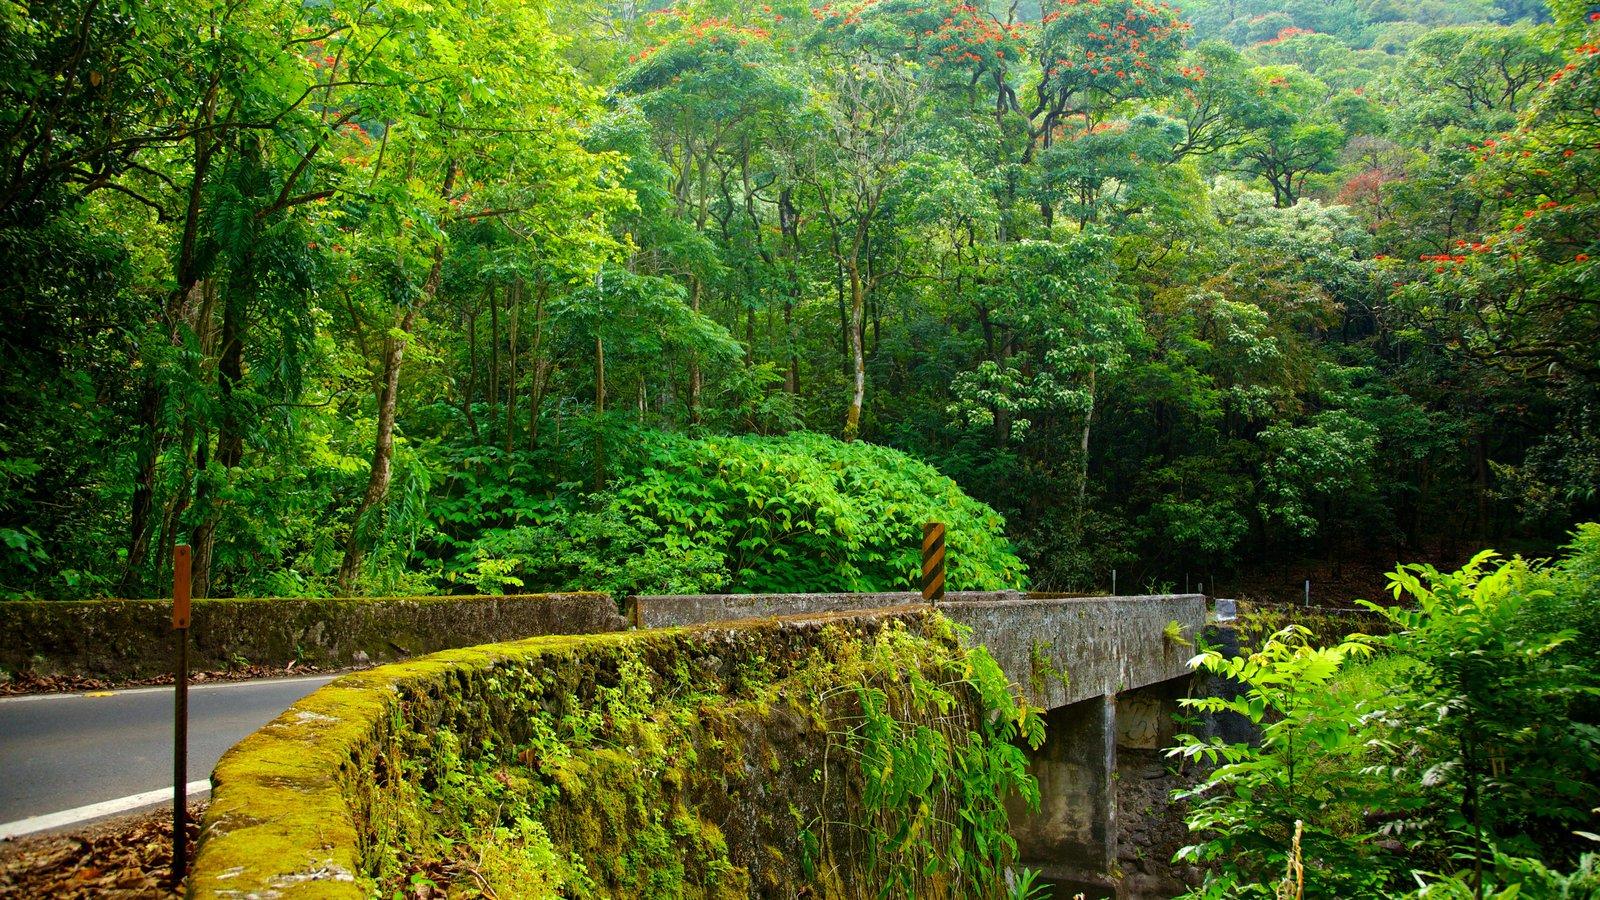 Isla de Maui que incluye vistas de paisajes, un jardín y un puente